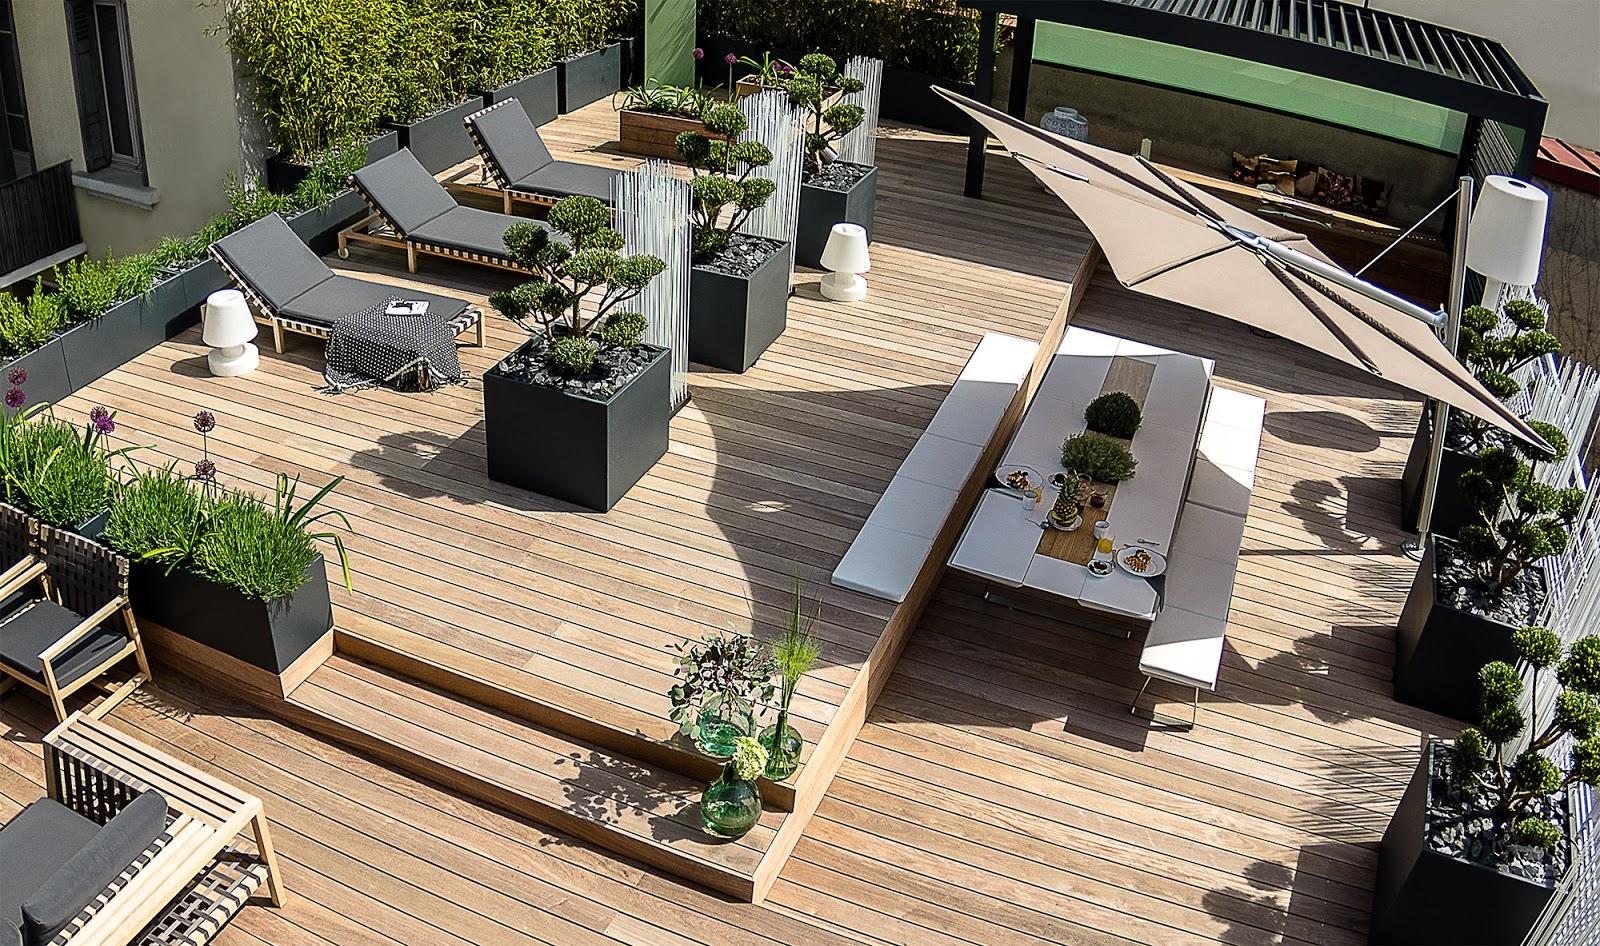 bacs image 39 in en toit terrasse annecy quand le design s invite sur les toits actualit. Black Bedroom Furniture Sets. Home Design Ideas